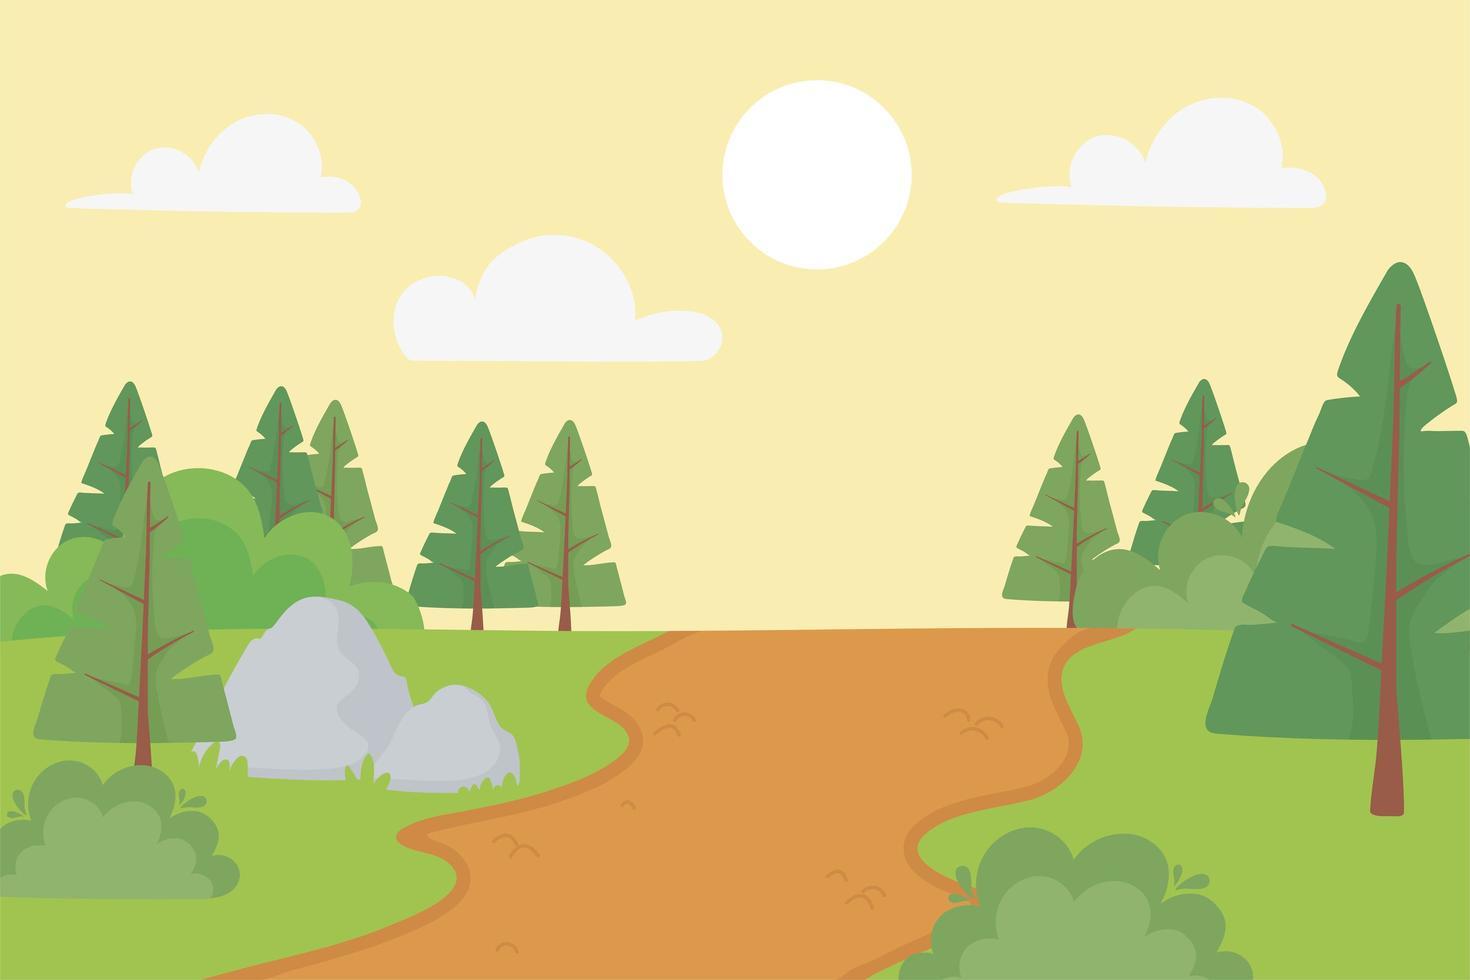 paesaggio di pini, sentieri, pietre e cespugli vettore